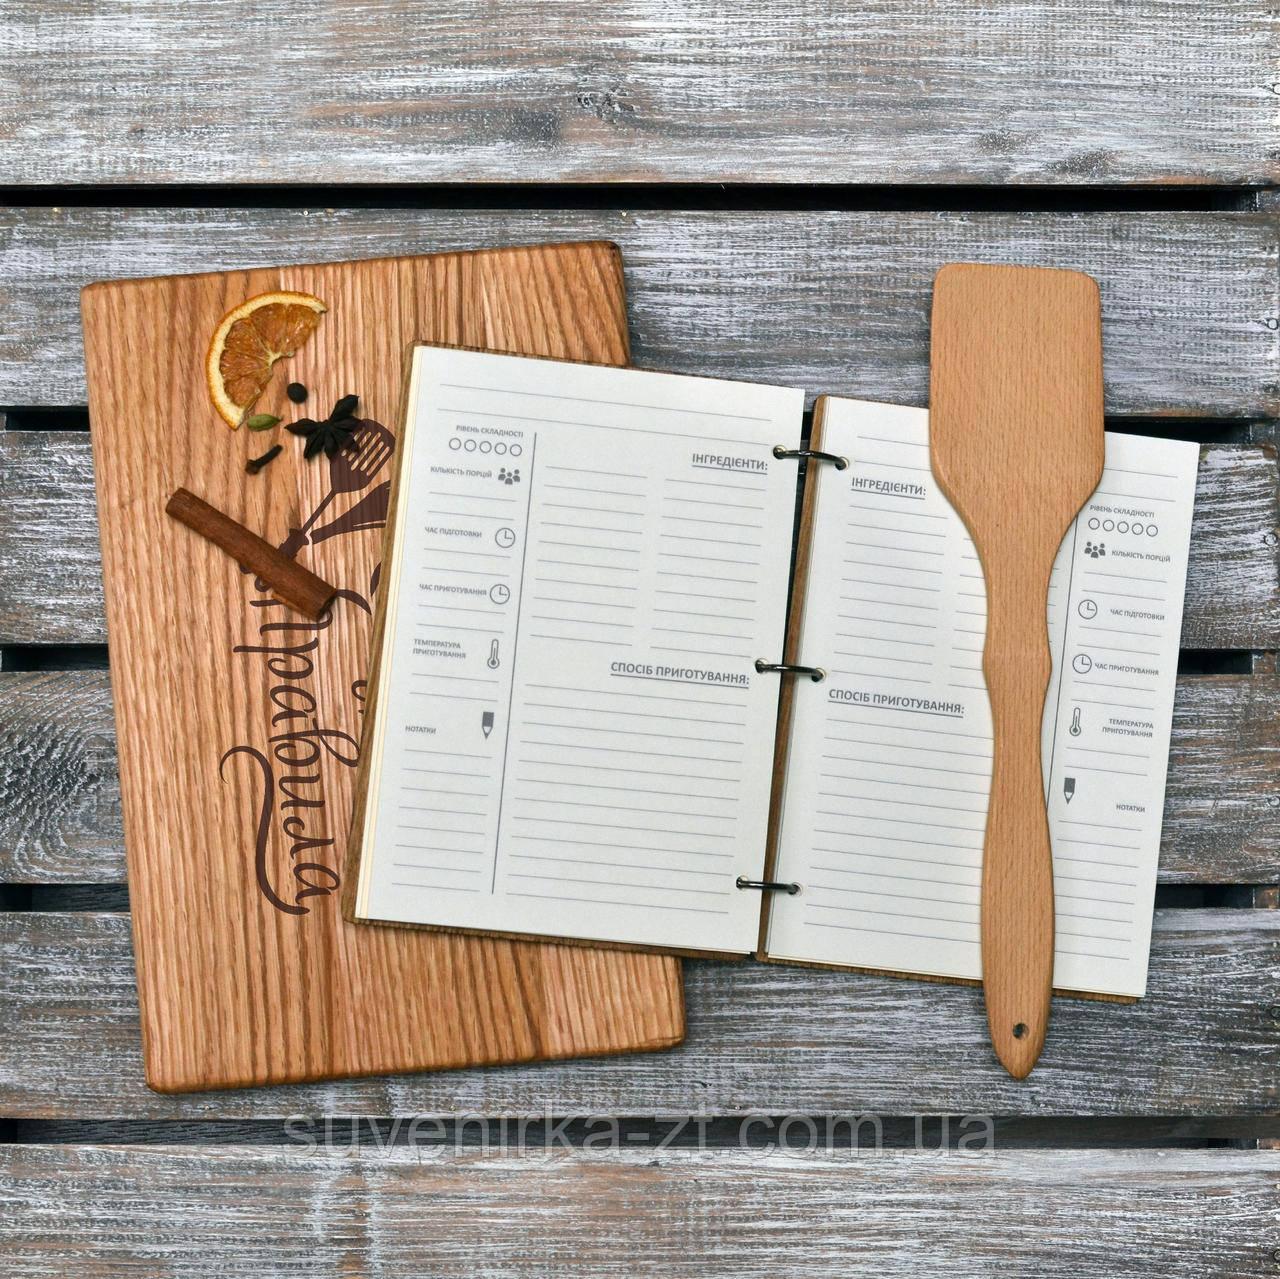 Набор для кухни. Деревянный блокнот, разделочная доска и лопатка. (A00103)